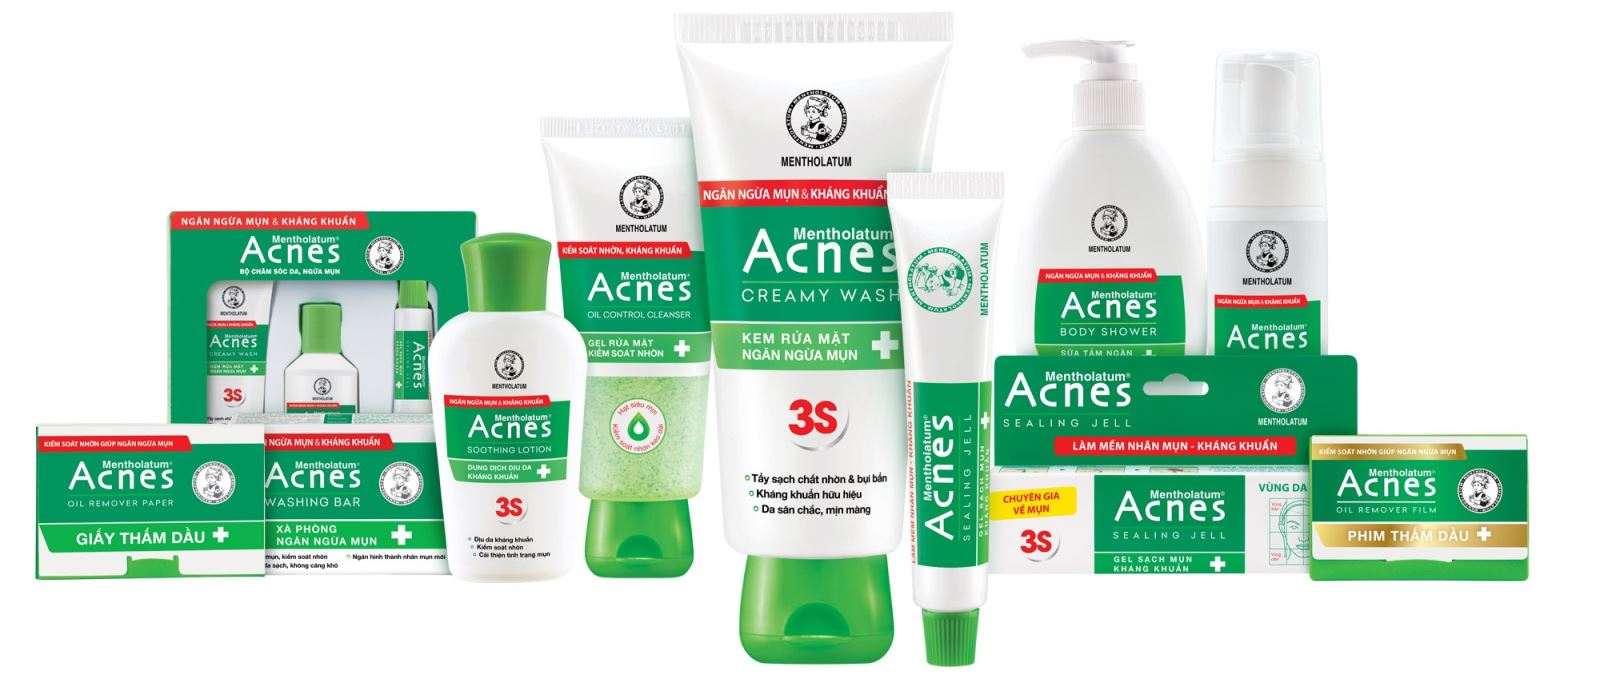 Acnes - Thương hiệu mỹ phẩm uy tín đến từ Nhật Bản